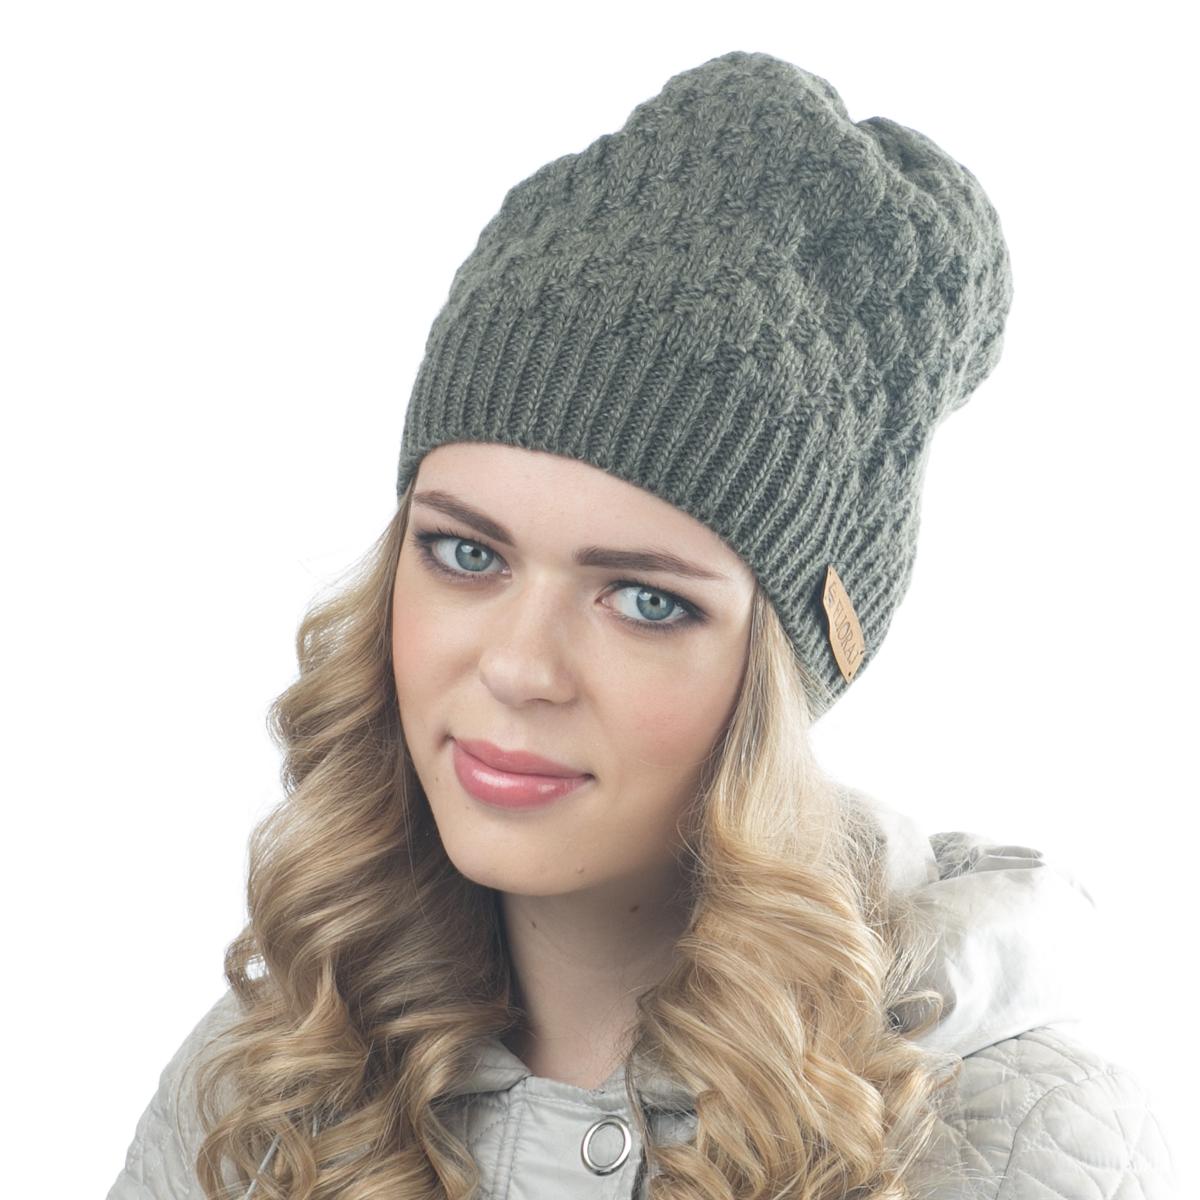 Шапка женская Flioraj, цвет: зеленый. 01FJ. Размер 56/5801FJТеплая шапка от Flioraj, связанная из овечьей шерсти и шерсти горной альпаки, отлично согреет в холодную погоду. Состав пряжи делает изделие мягким, теплым и комфортным. Модель выполнена крупной рельефной вязкой и украшена нашивкой из натуральной кожи.